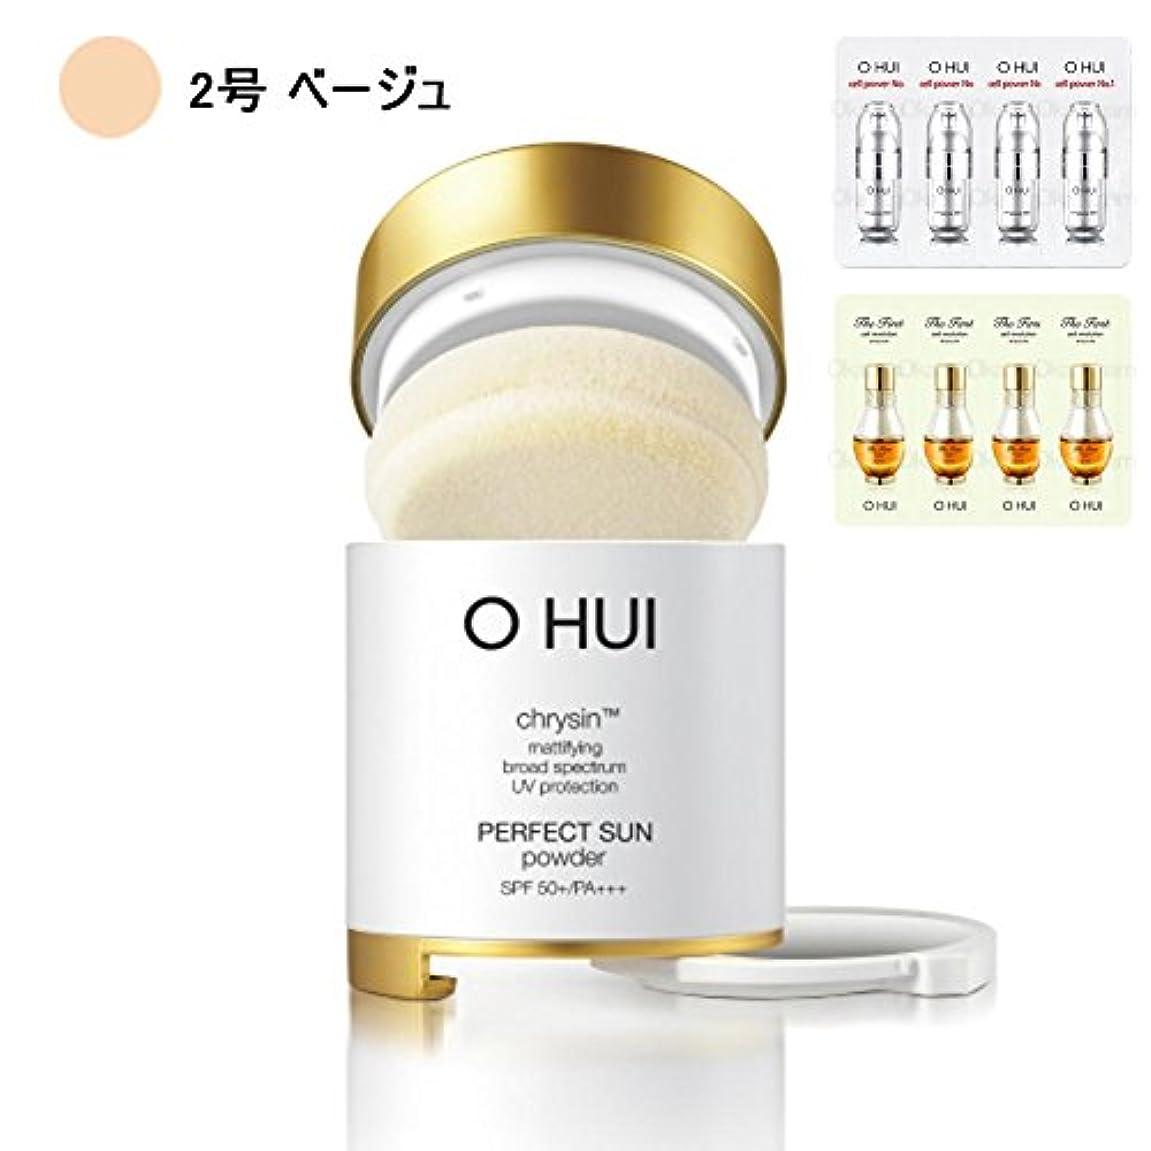 崇拝しますリーフレット注意[オフィ/O HUI]韓国化粧品 LG生活健康/OHUI OFS06 PERFECT SUN POWDER/オフィ パーフェクトサンパウダー 2号 (SPF50+/PA+++) +[Sample Gift](海外直送品)